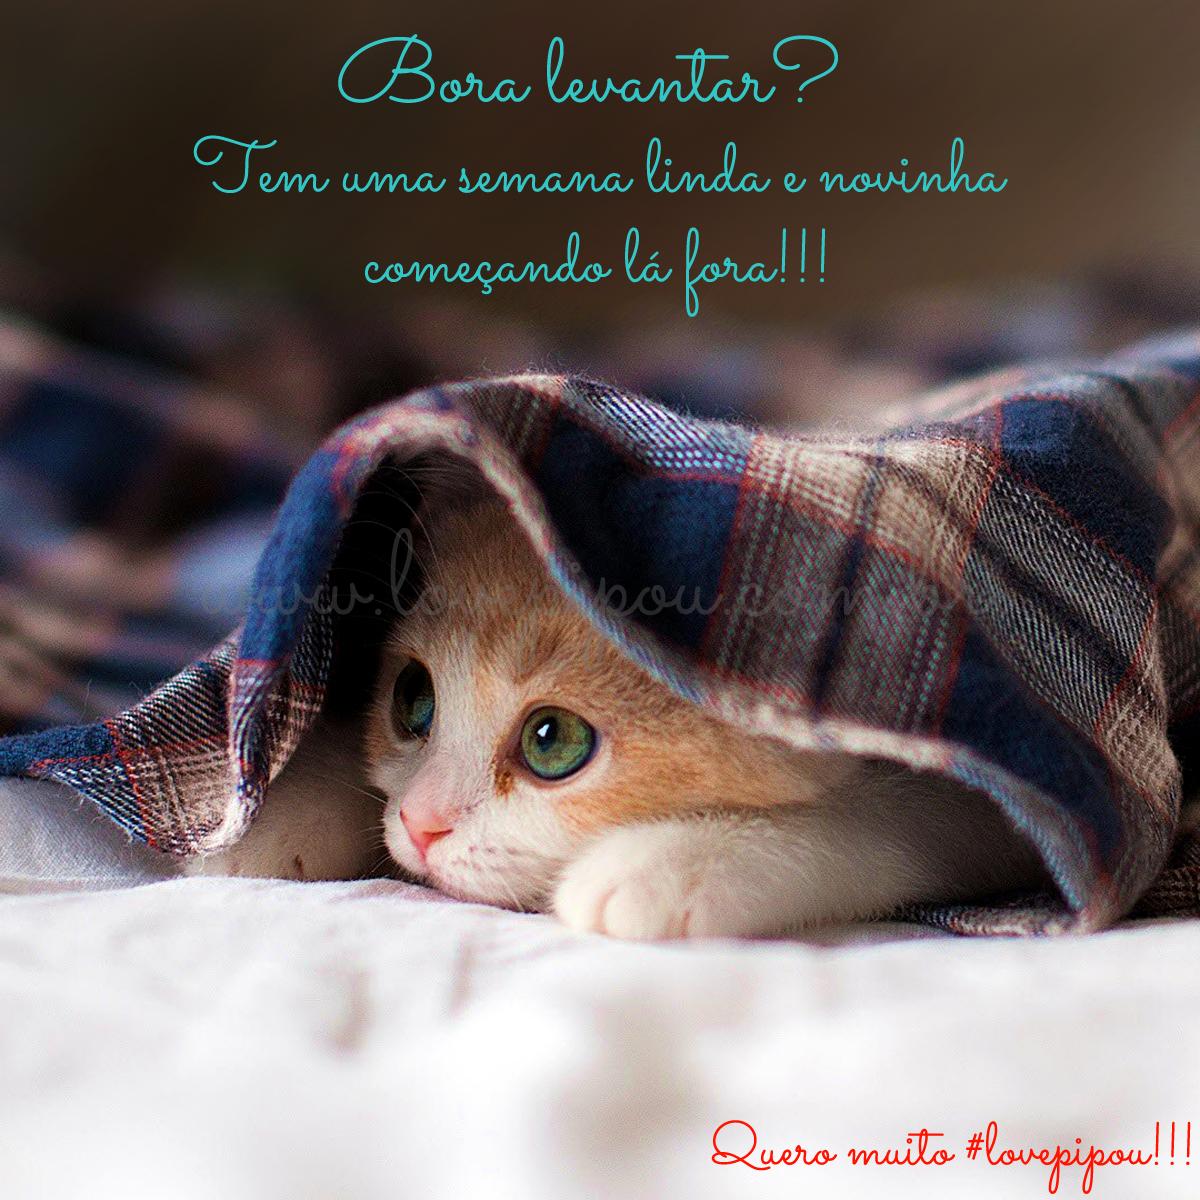 ❤ Bom dia!!! ❤